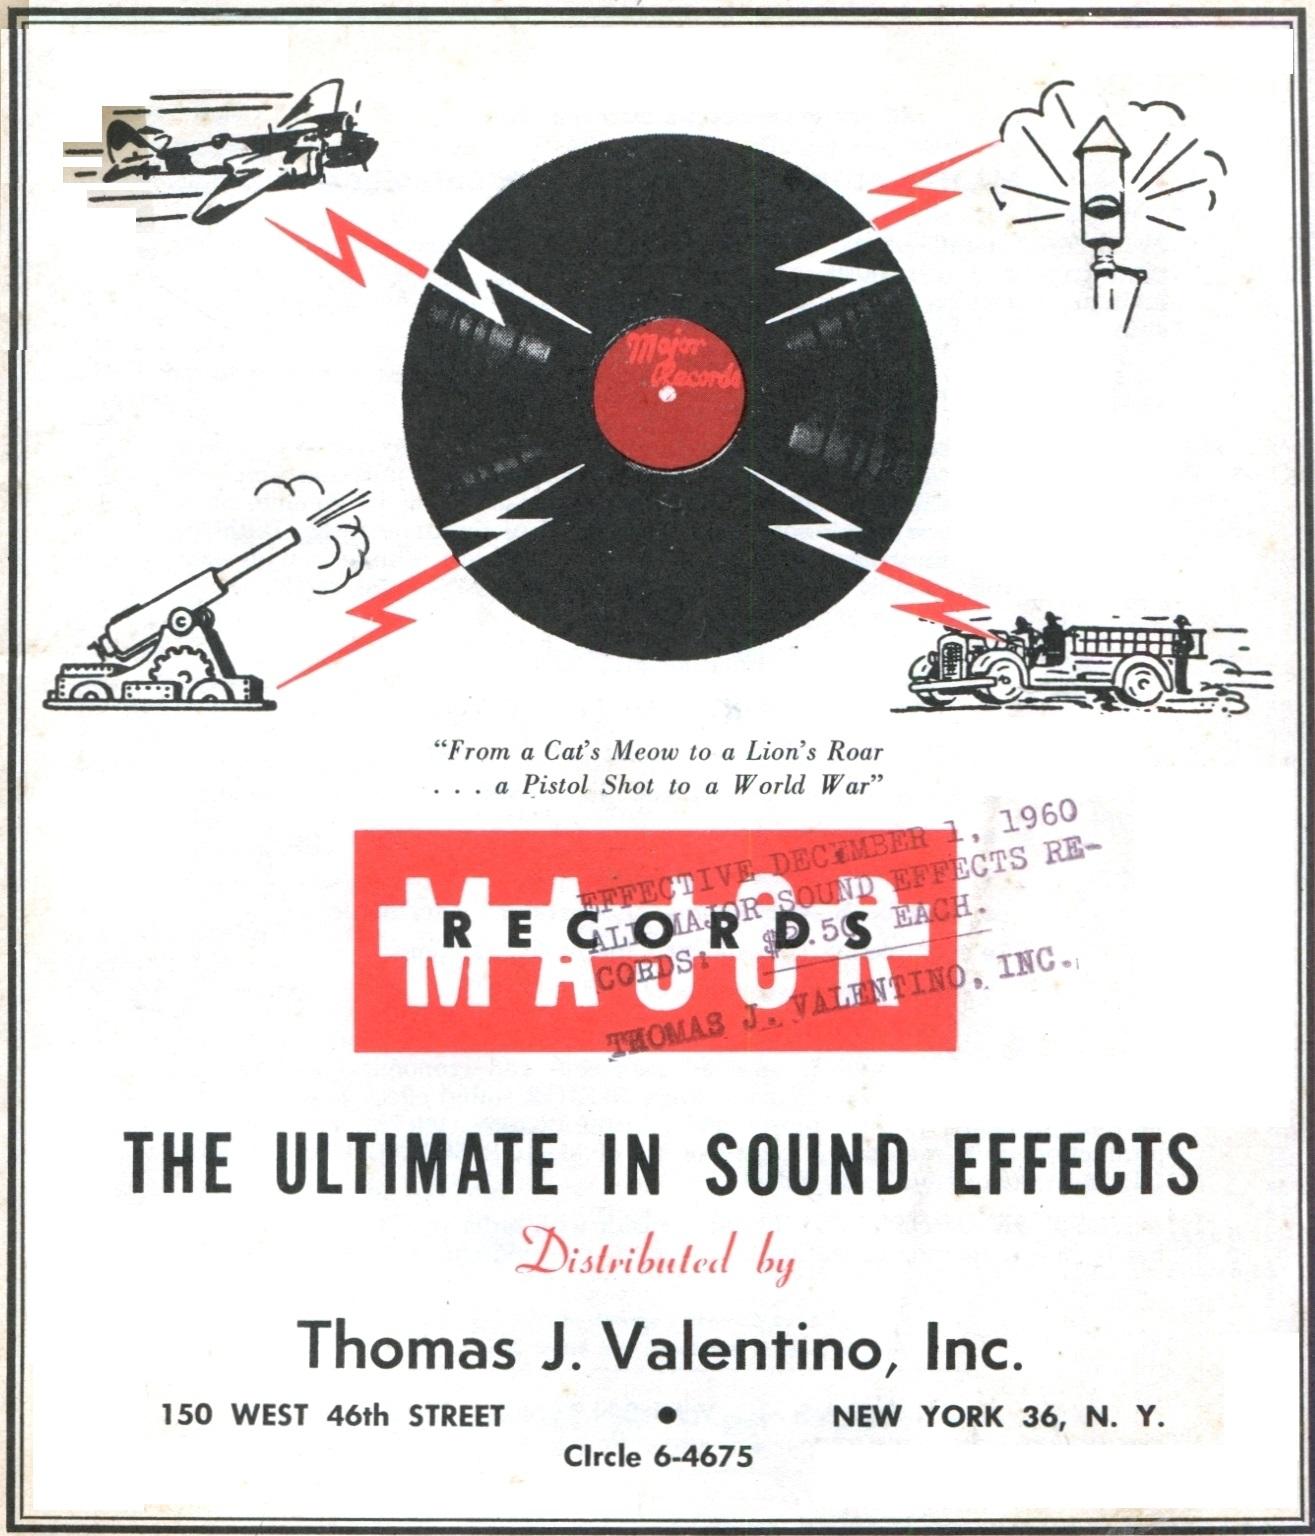 VINTAGE THEATRE CATALOGS: 1960 MAJOR SOUND EFFECTS CATALOG